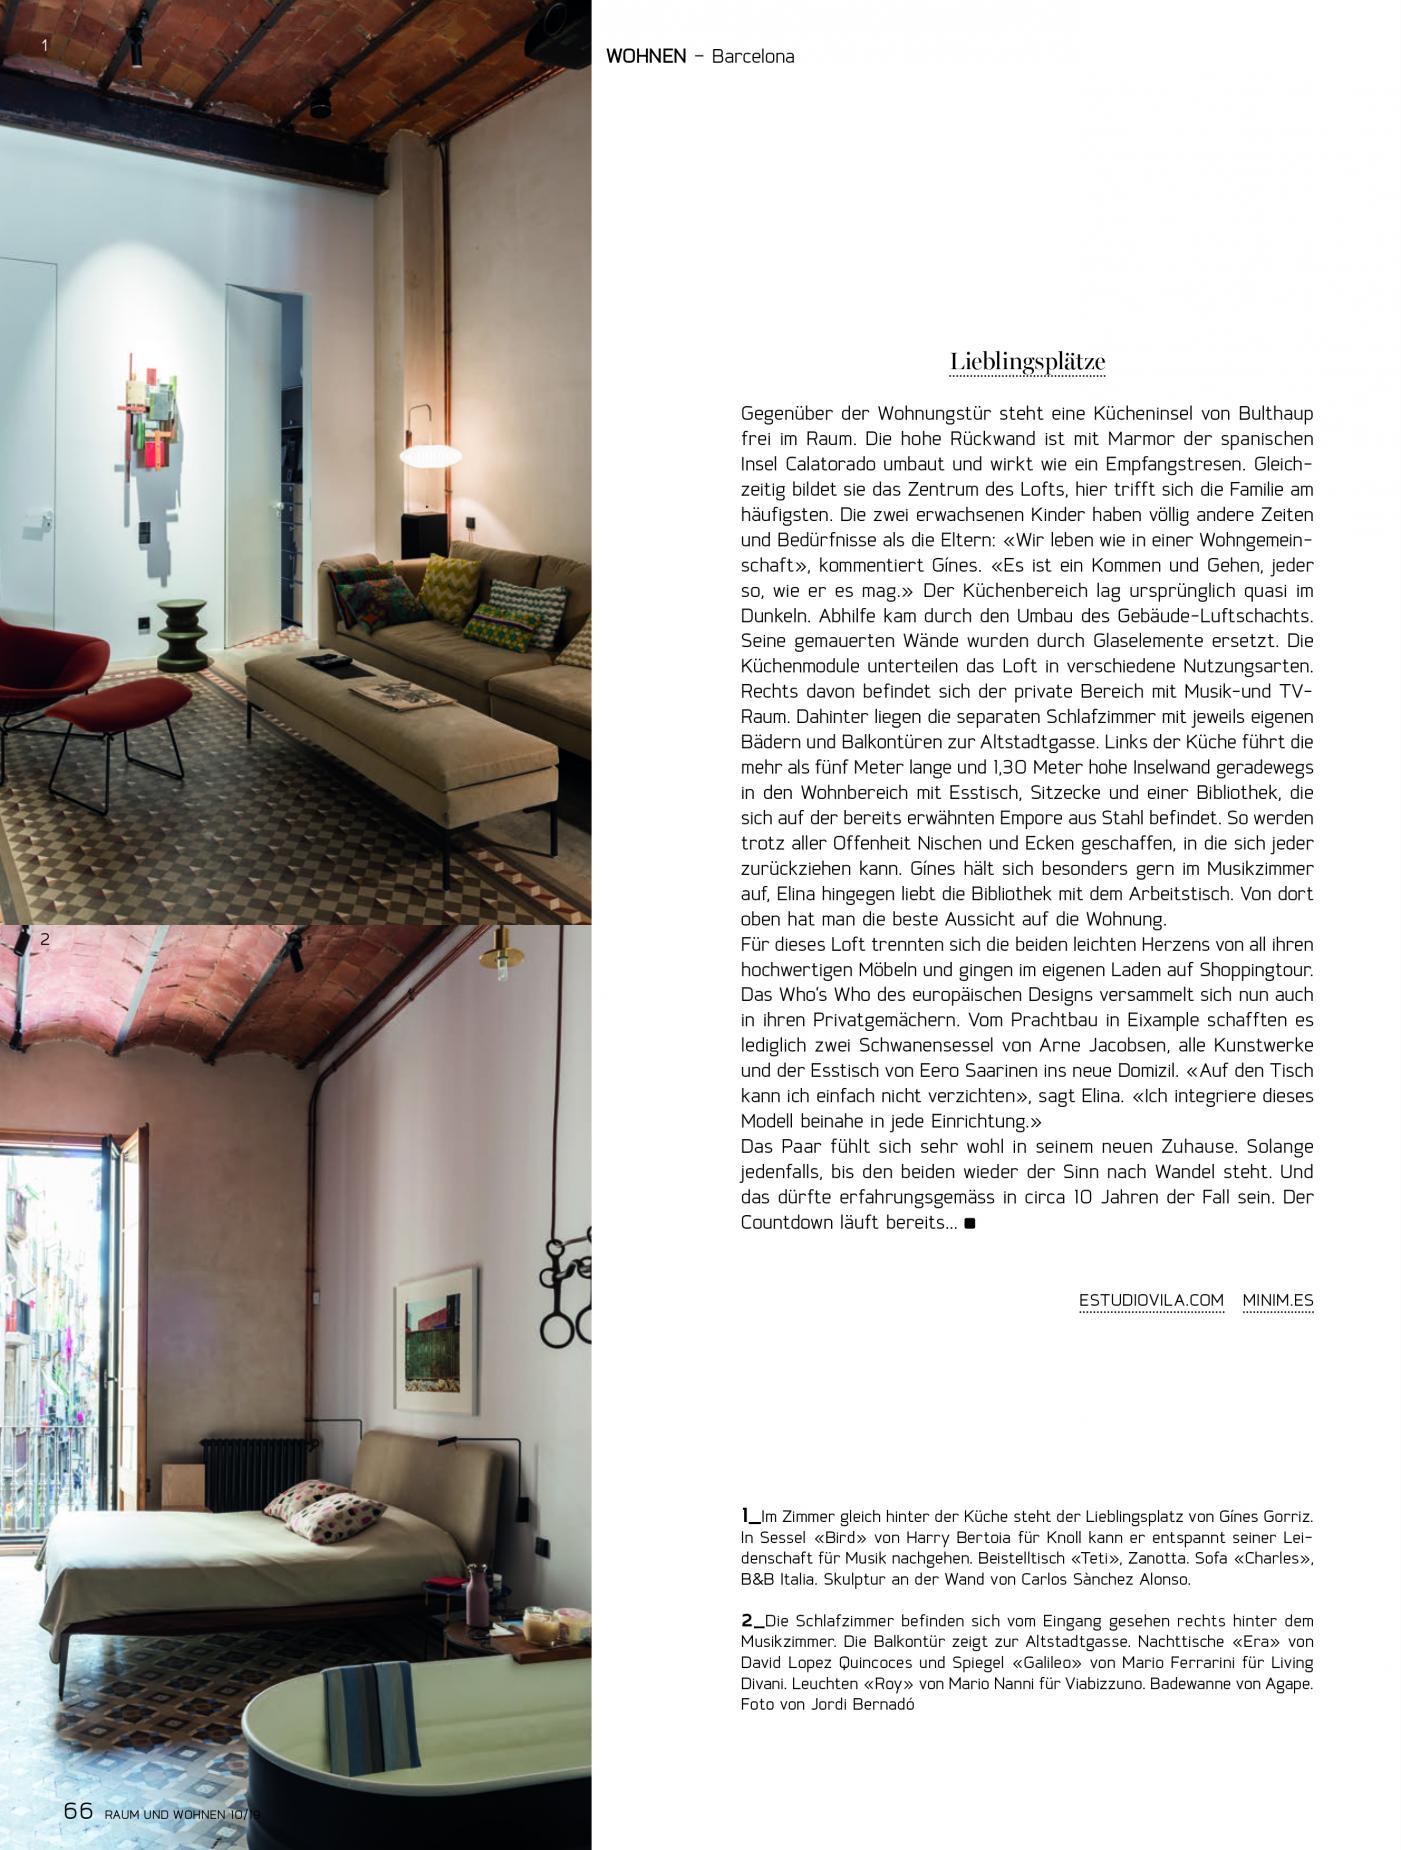 Loft vilablanch Barcelona Raum und Wohnen